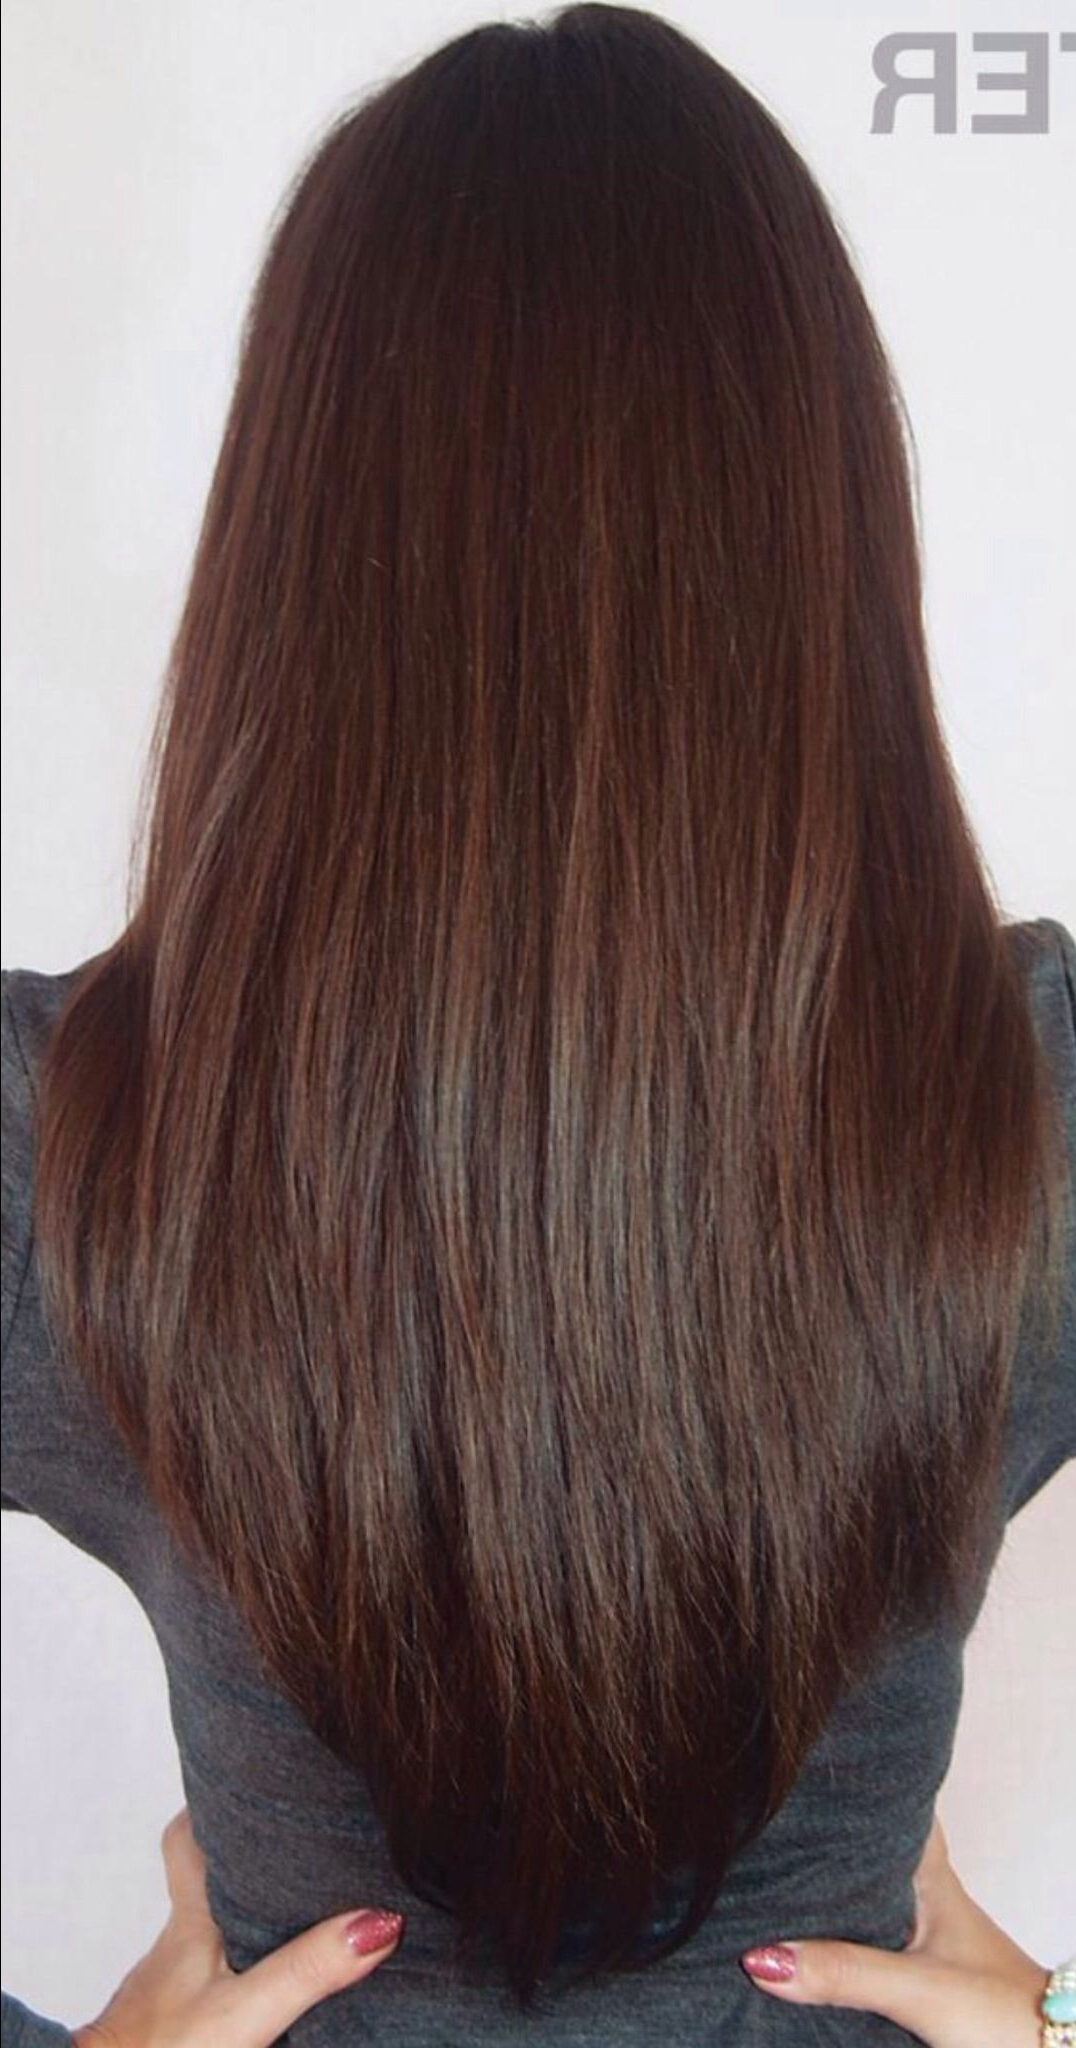 Pinabbey Maas On Hair/makeup (View 13 of 20)